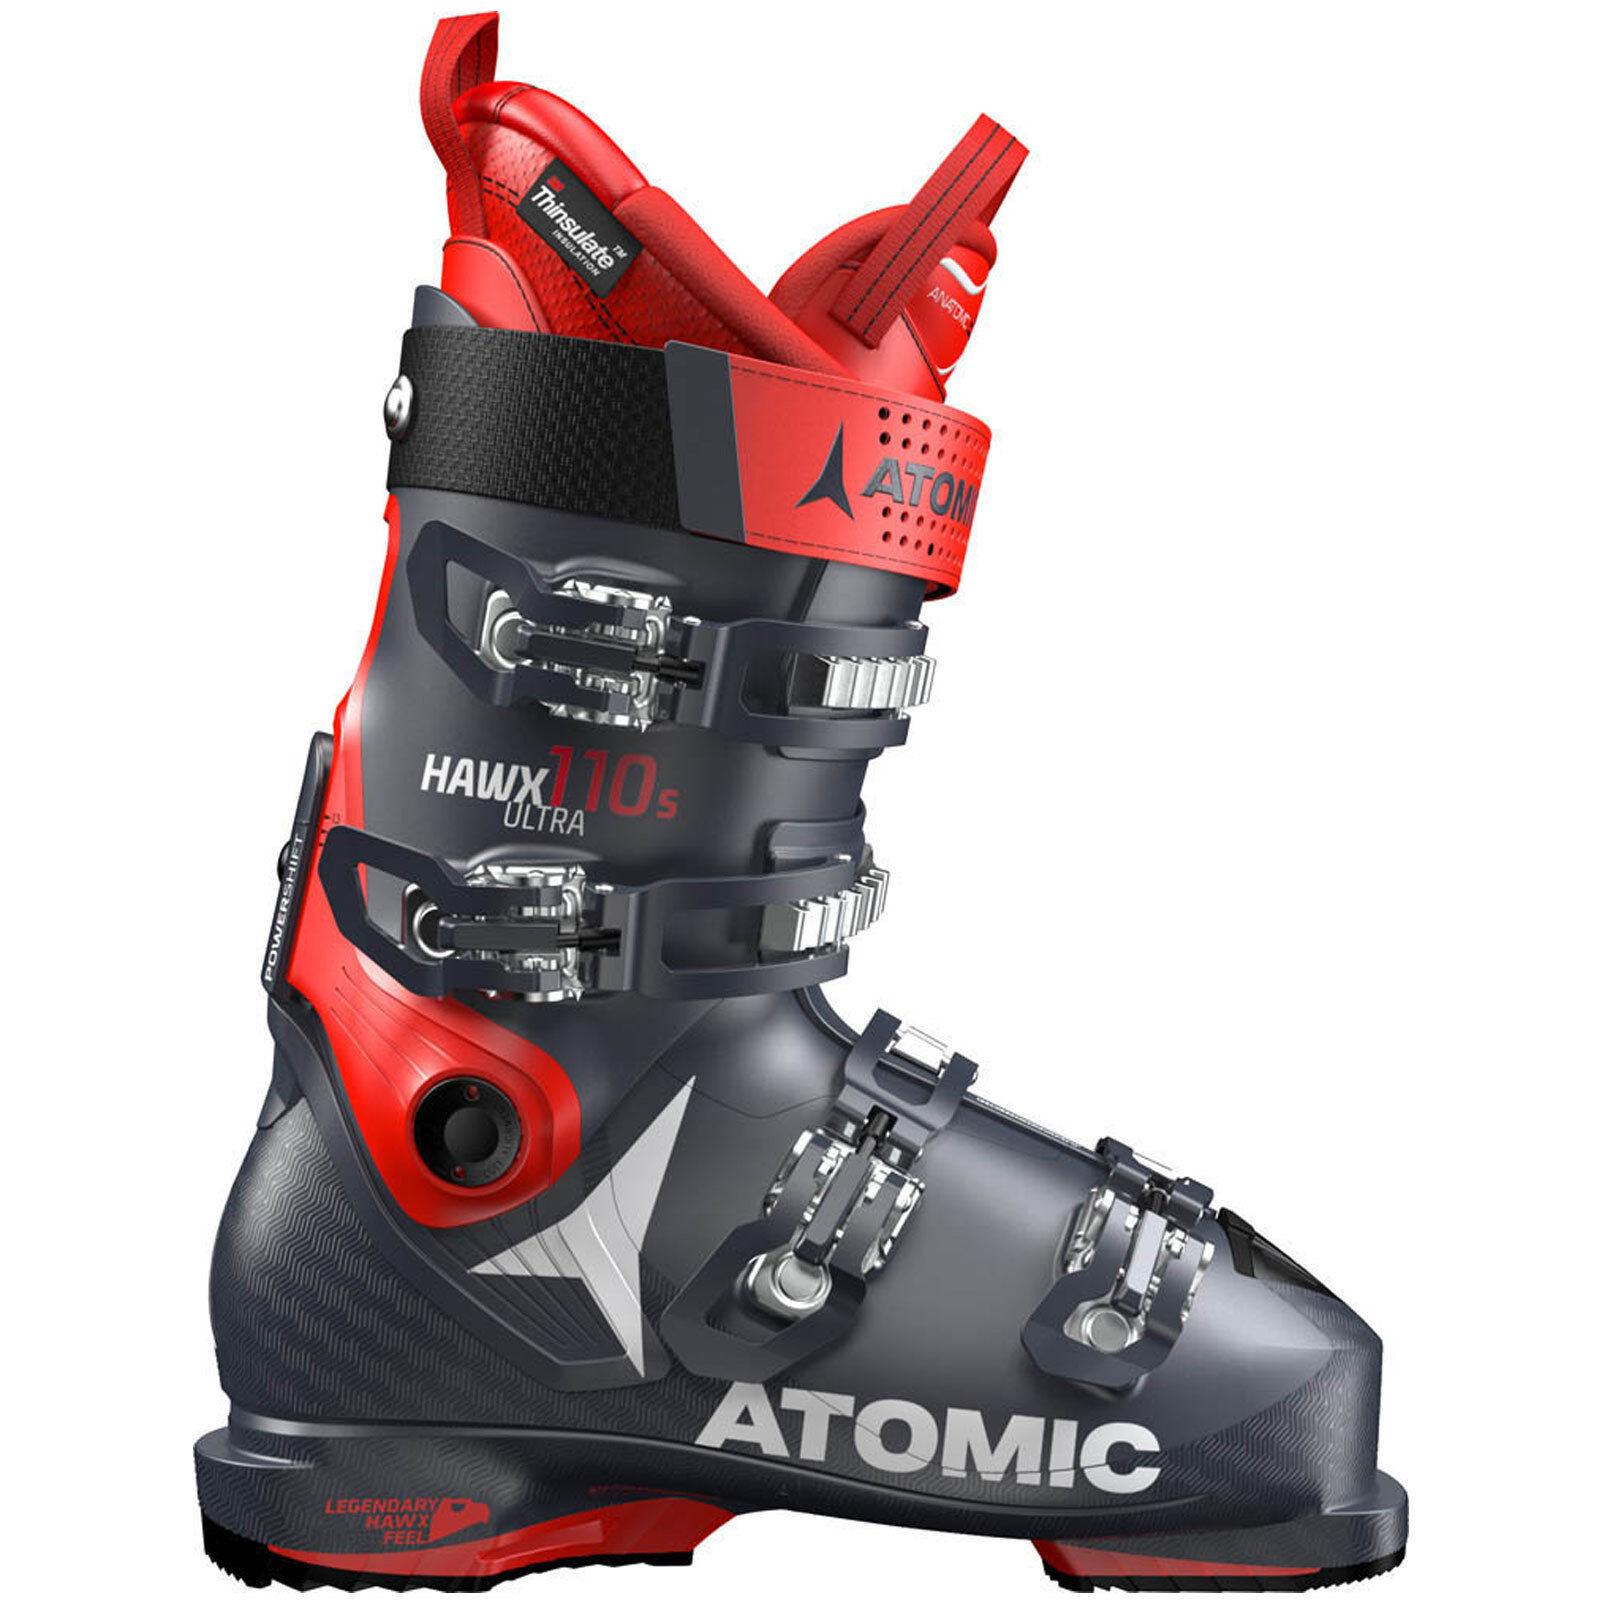 Atomic Hawx Ultra 110 Herren-Skistiefel Skischuhe Ski Stiefel SkiStiefel Schuhe